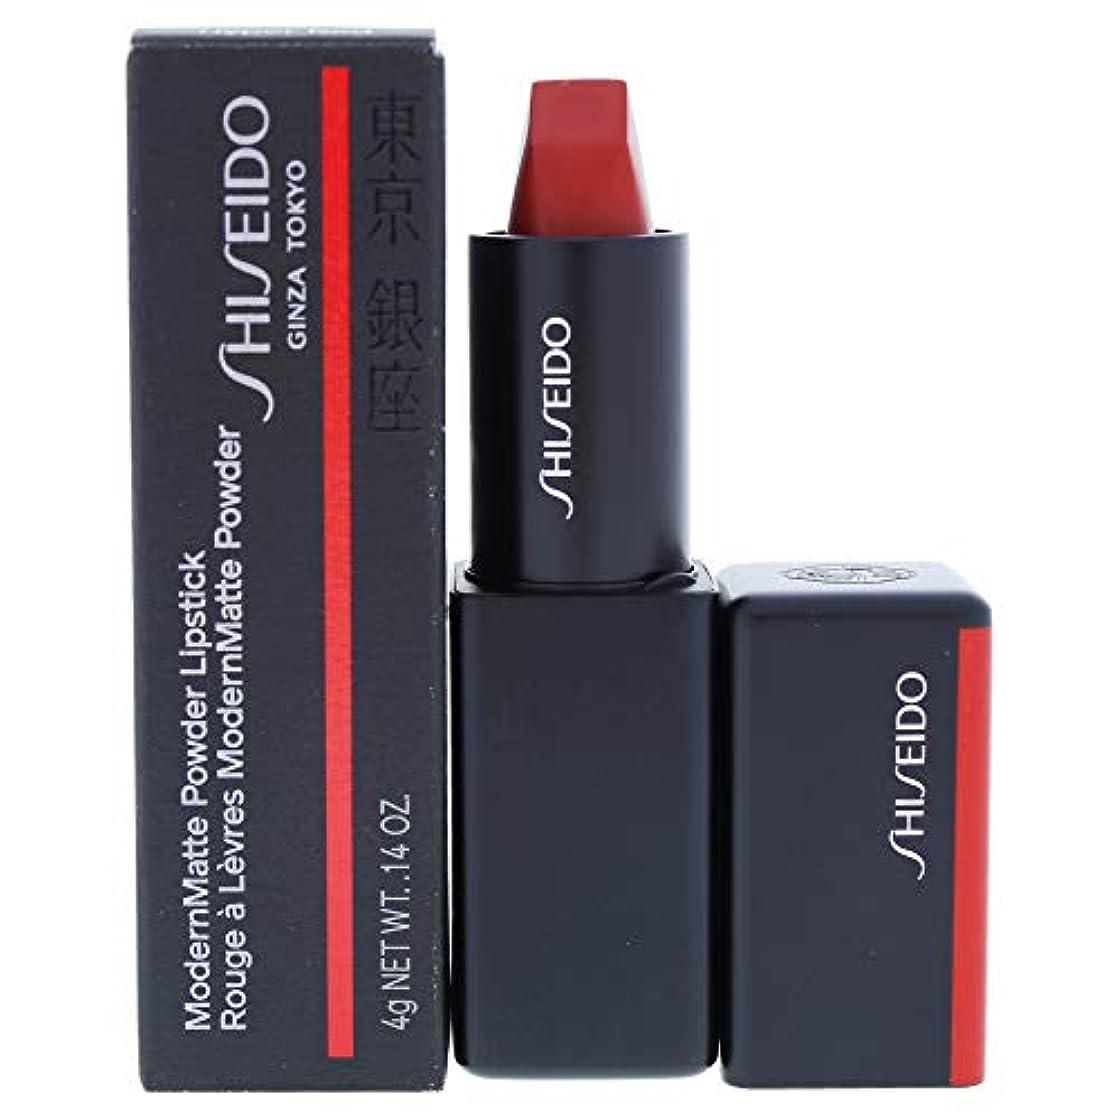 ボルトコメンテータータイピスト資生堂 ModernMatte Powder Lipstick - # 514 Hyper Red (True Red) 4g/0.14oz並行輸入品